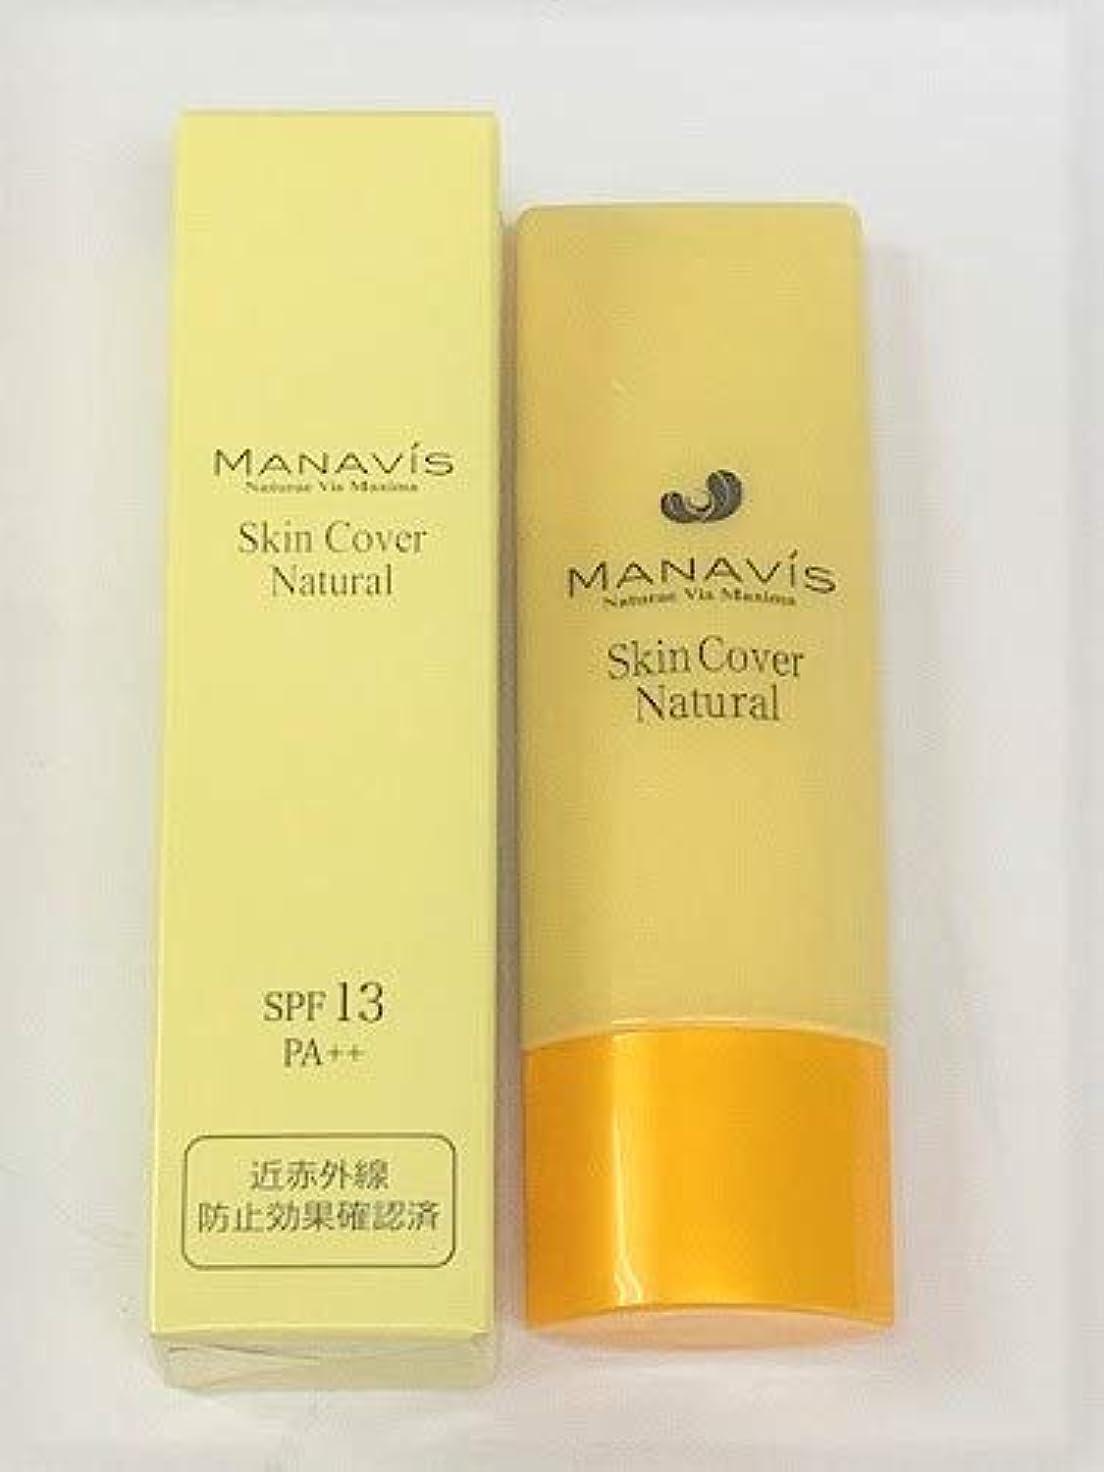 常習的選出する差別化するMANAVIS マナビス化粧品 スキンカバー ナチュラル (日中用化粧液) SPF13 PA++ 30g 172